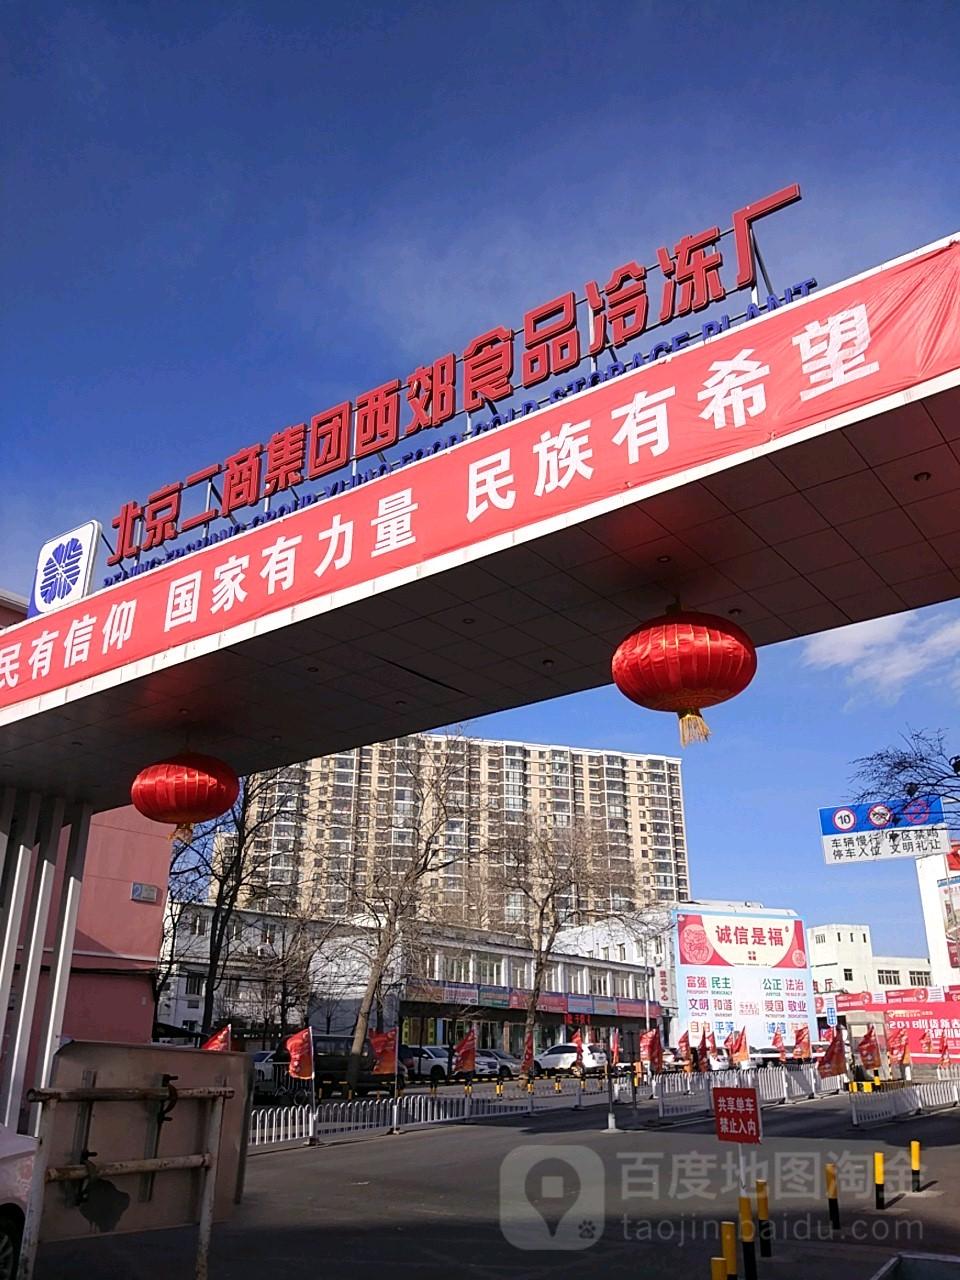 北京二商集团-鱼肉食品冷冻厂冻西郊松软图片